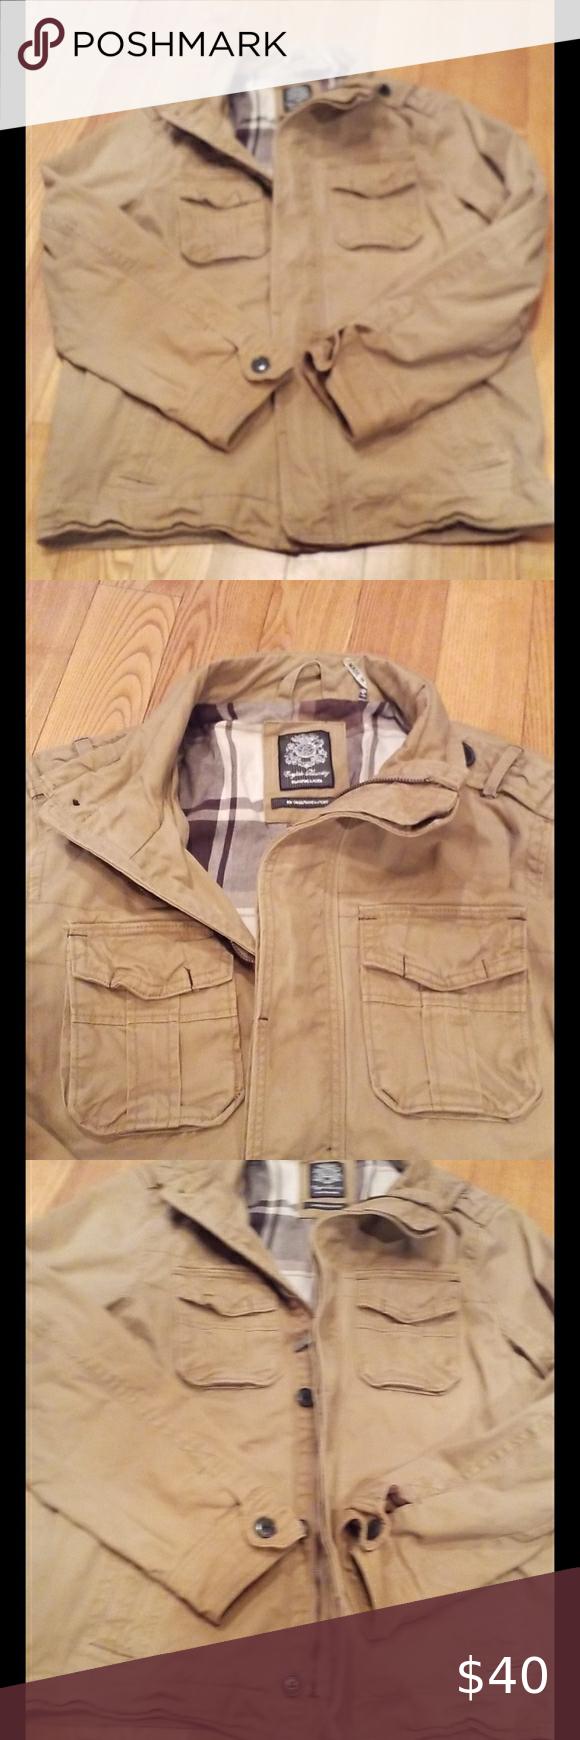 Mens English Laundry Jacket Size L Laundry Jackets English Laundry Khaki Color [ 1740 x 580 Pixel ]